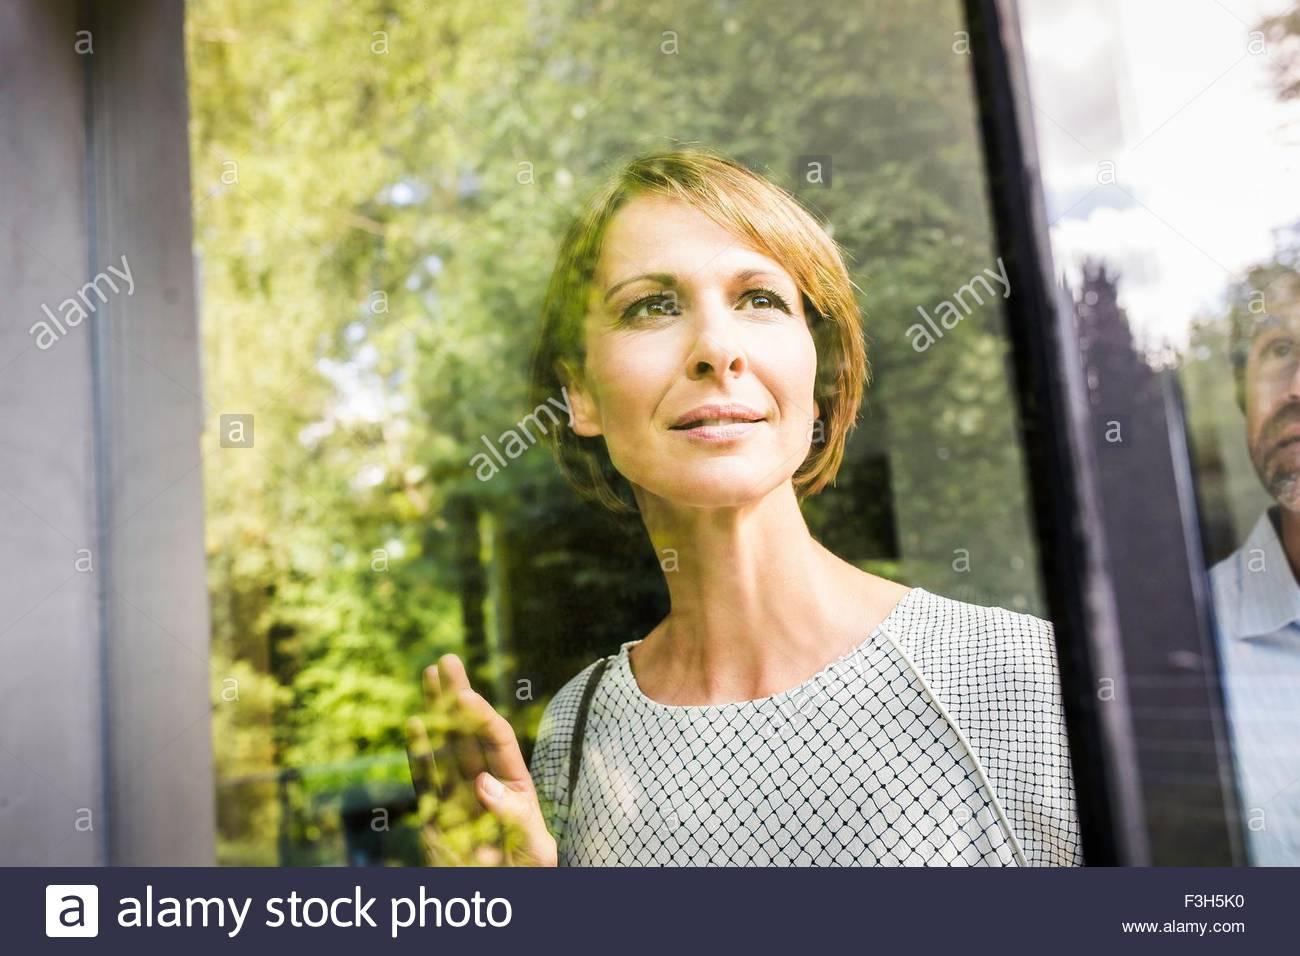 Coppia matura guardando attraverso la finestra della nuova casa Immagini Stock